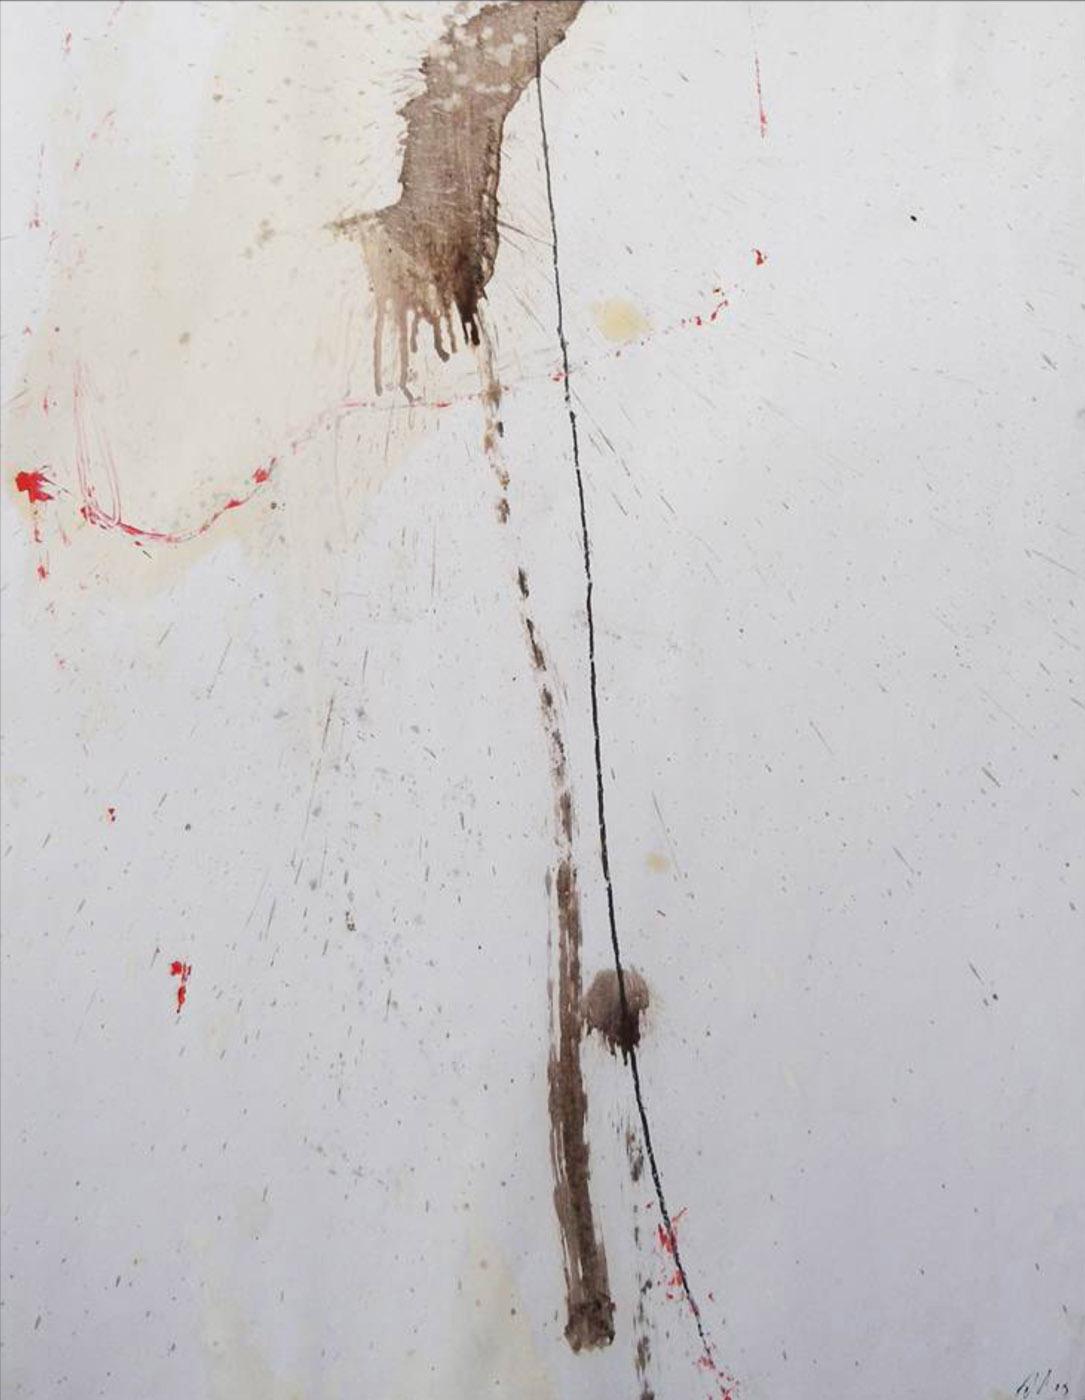 MARC FELD 2009 OZU huile, mine de plomb et pigment sur papier 50 x 65 cm